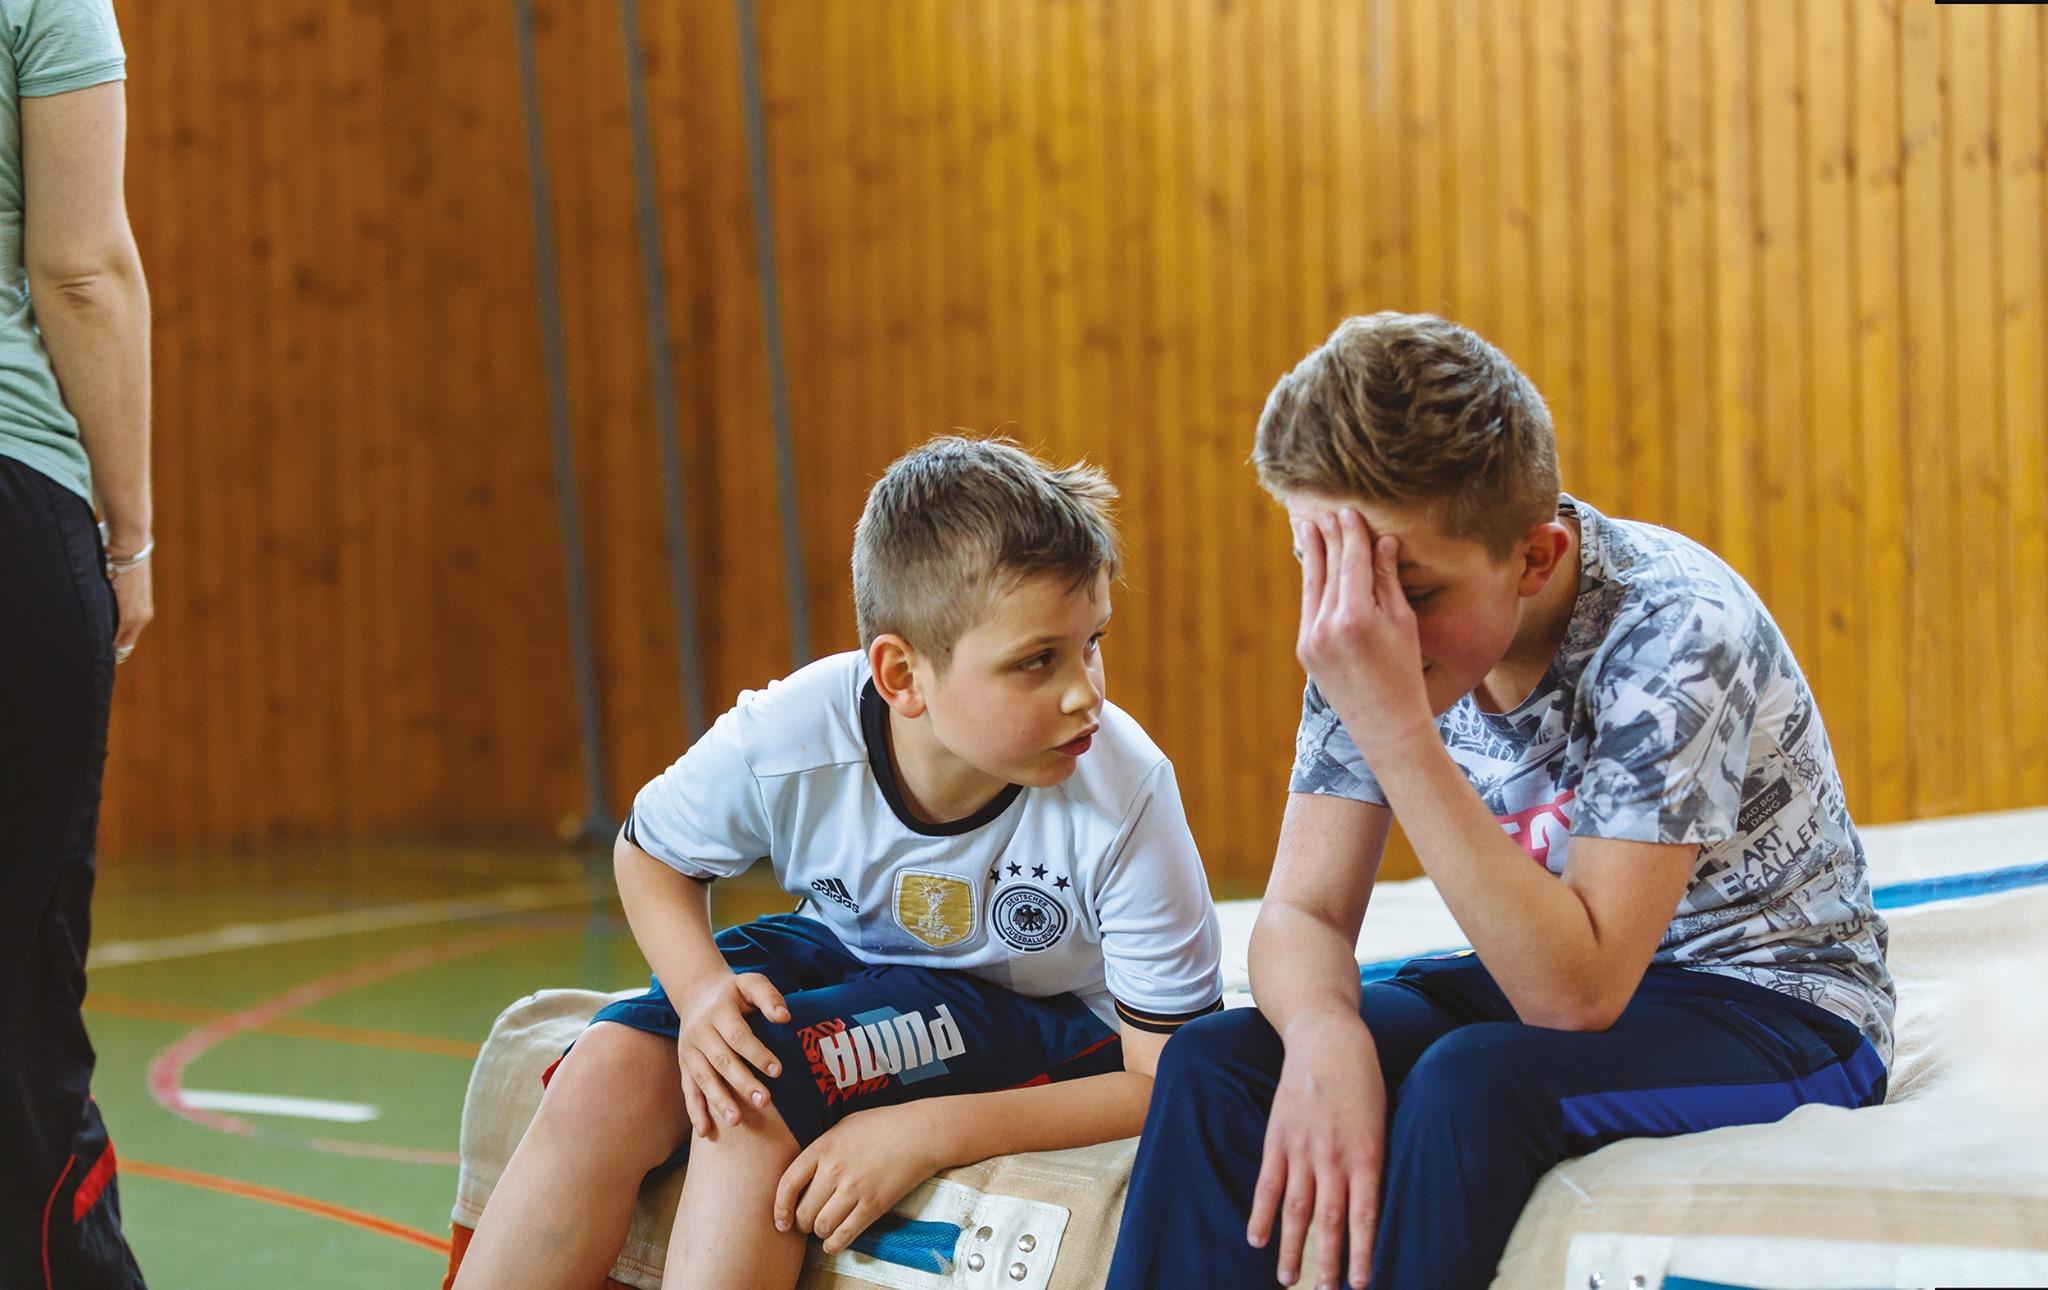 Photo: Deux enfants malvoyants se reposent sur un gros tapis de gym et discutent.